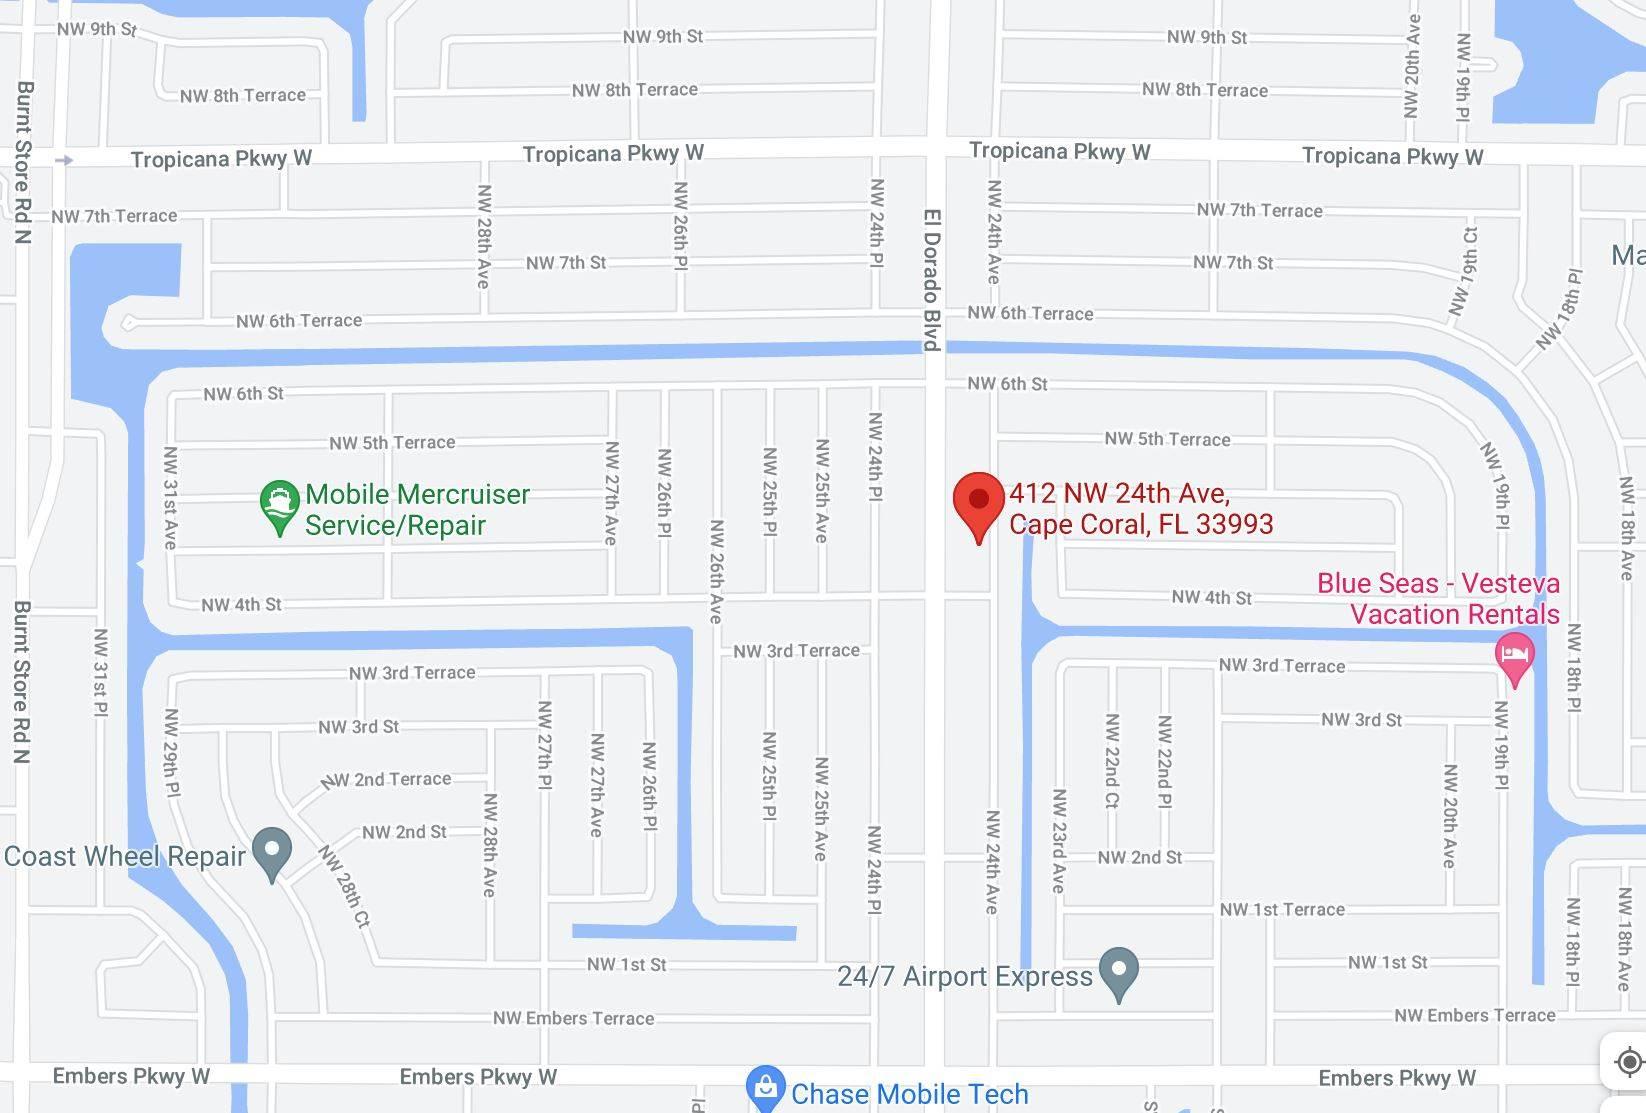 412 NW 24th Avenue, Cape Coral, FL 33993